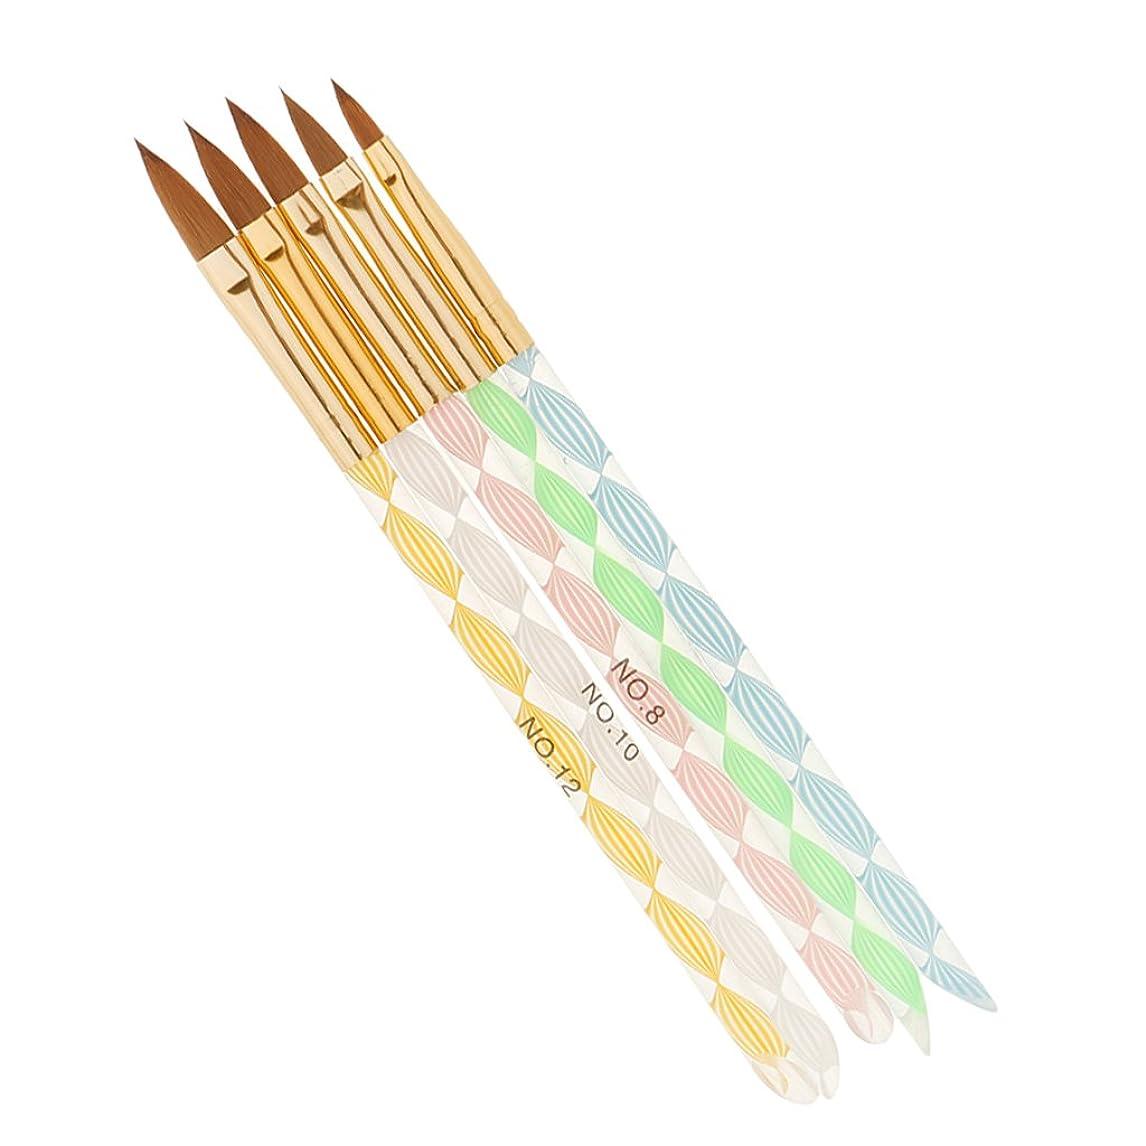 推進力ウィザード休日Perfk 5本 ネイルアート デザイン ブラシキット マニキュアツール 絵画 描画 磨き ブラシ